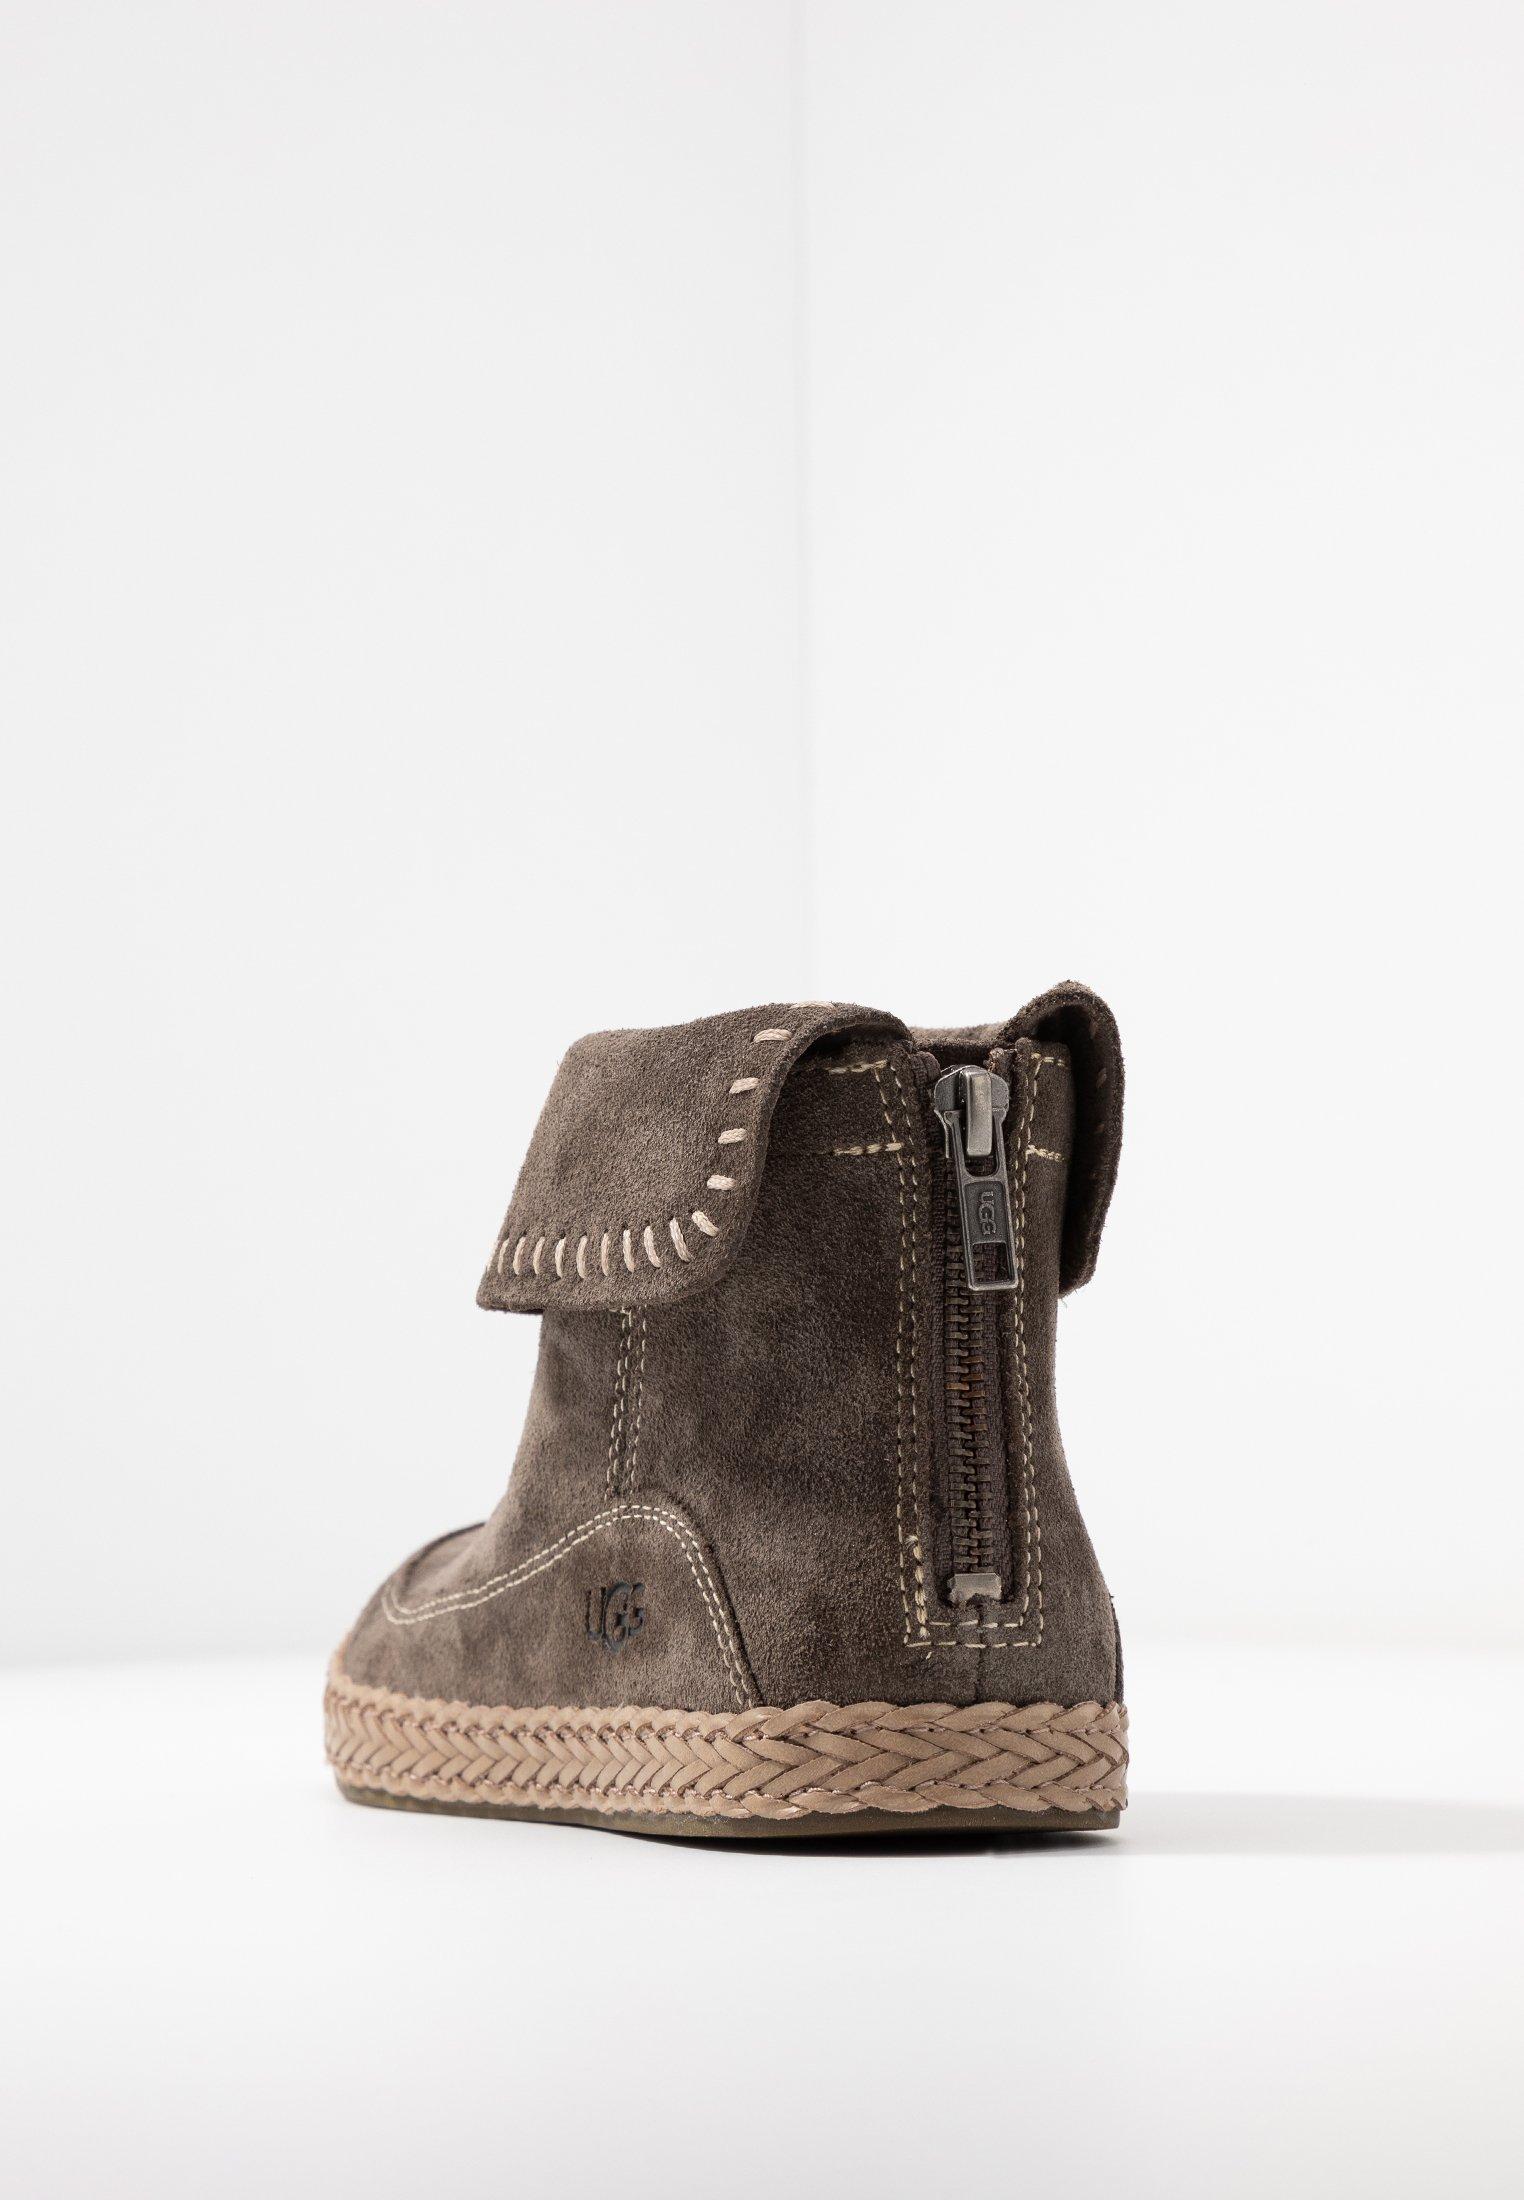 VARNEY Ankle Boot slate